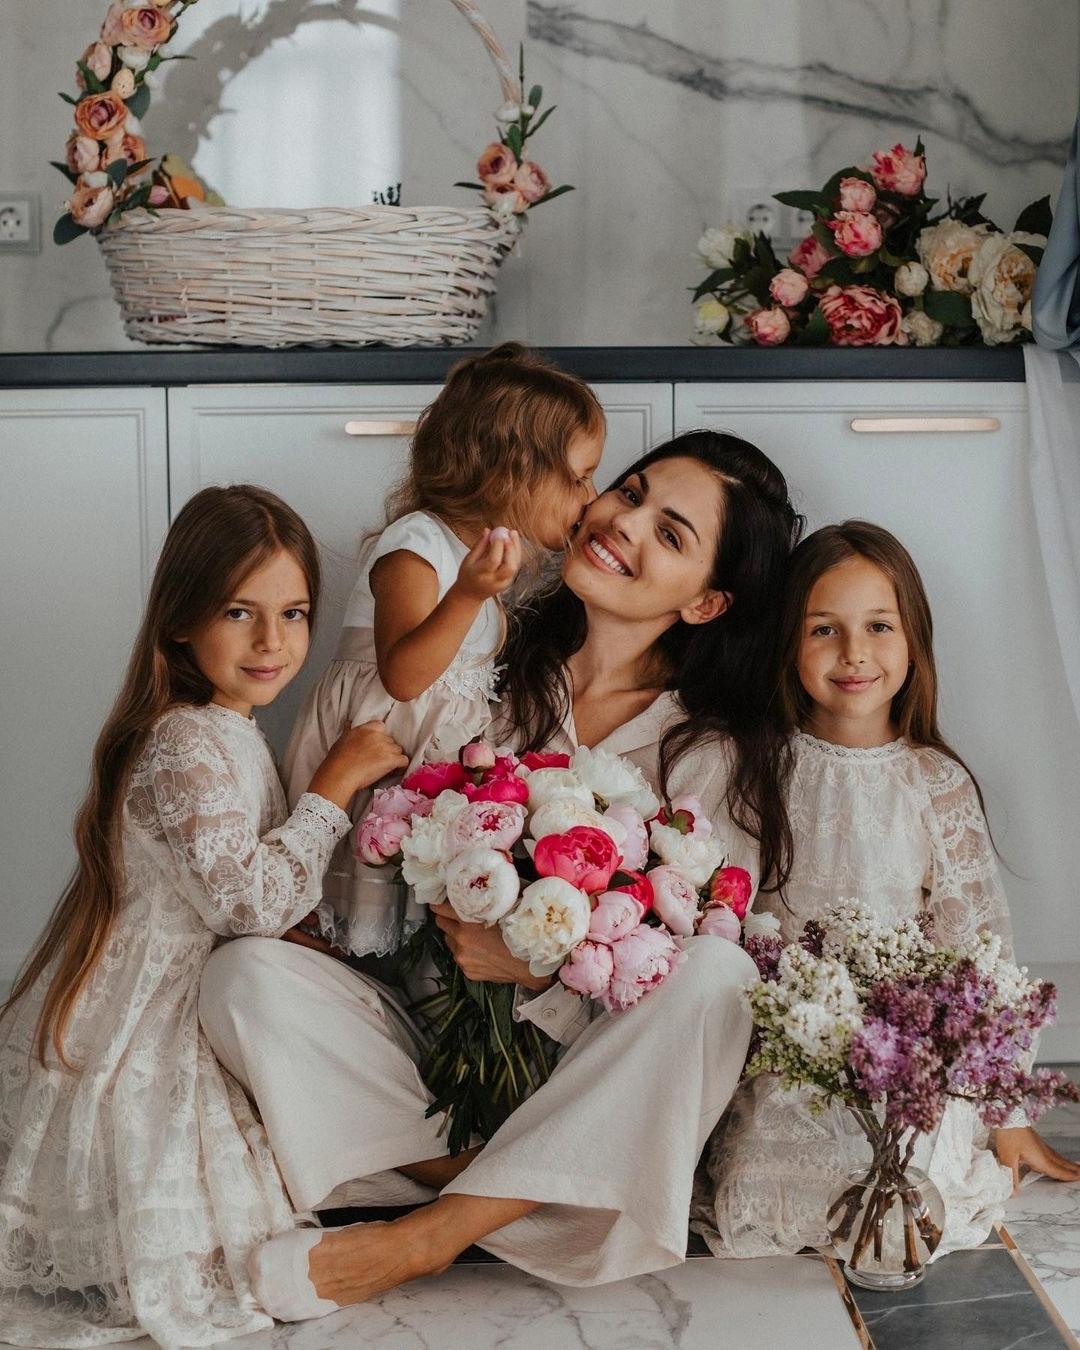 Карина Палетских- мама троих дочек и очень красивая девушка с офигеной фигурой!